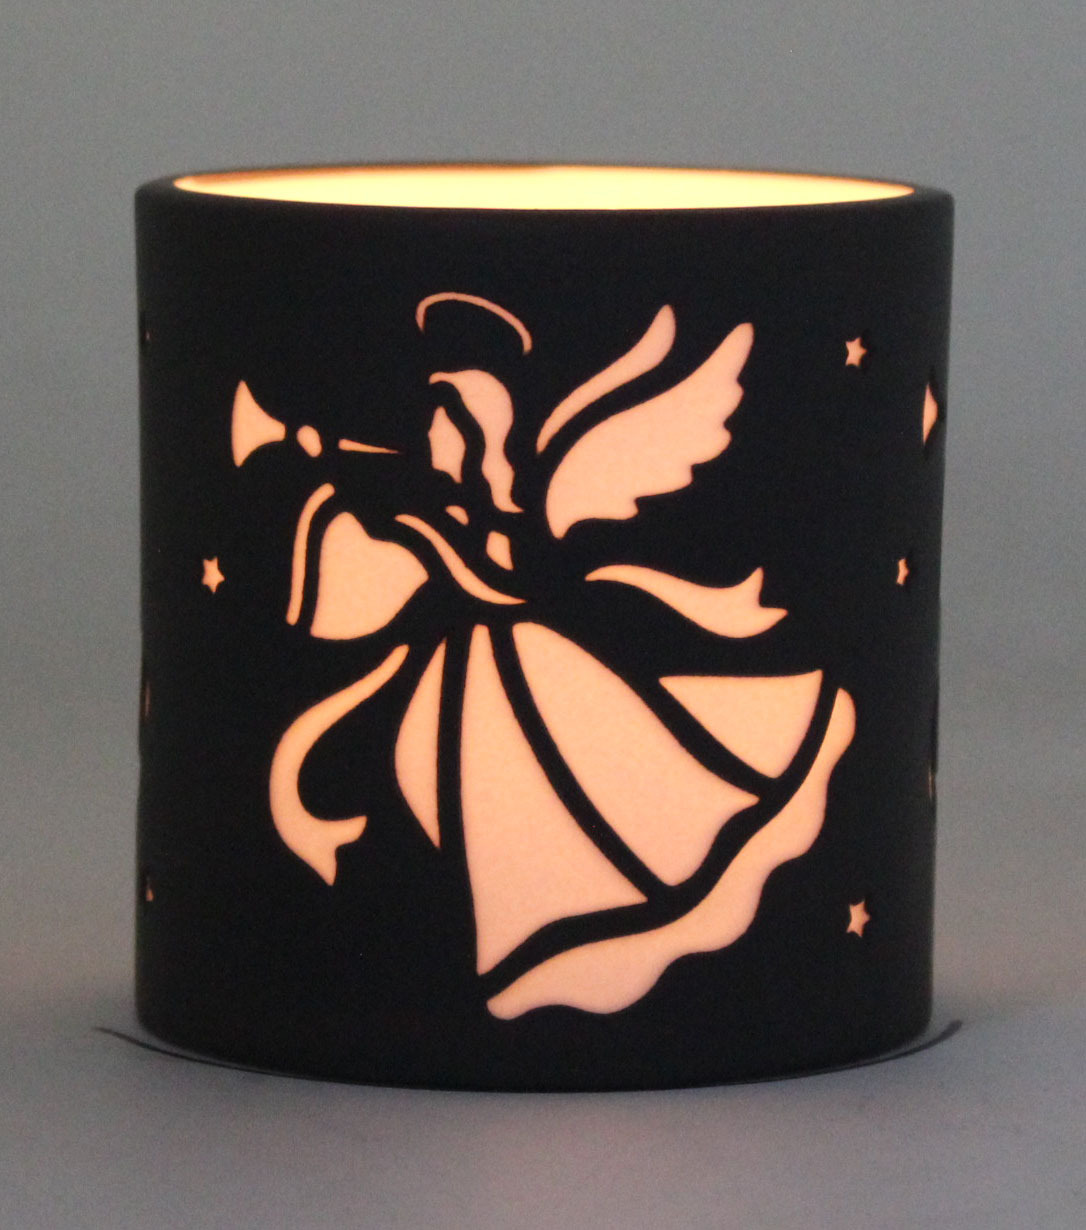 陶瓷燭台 PP17011B